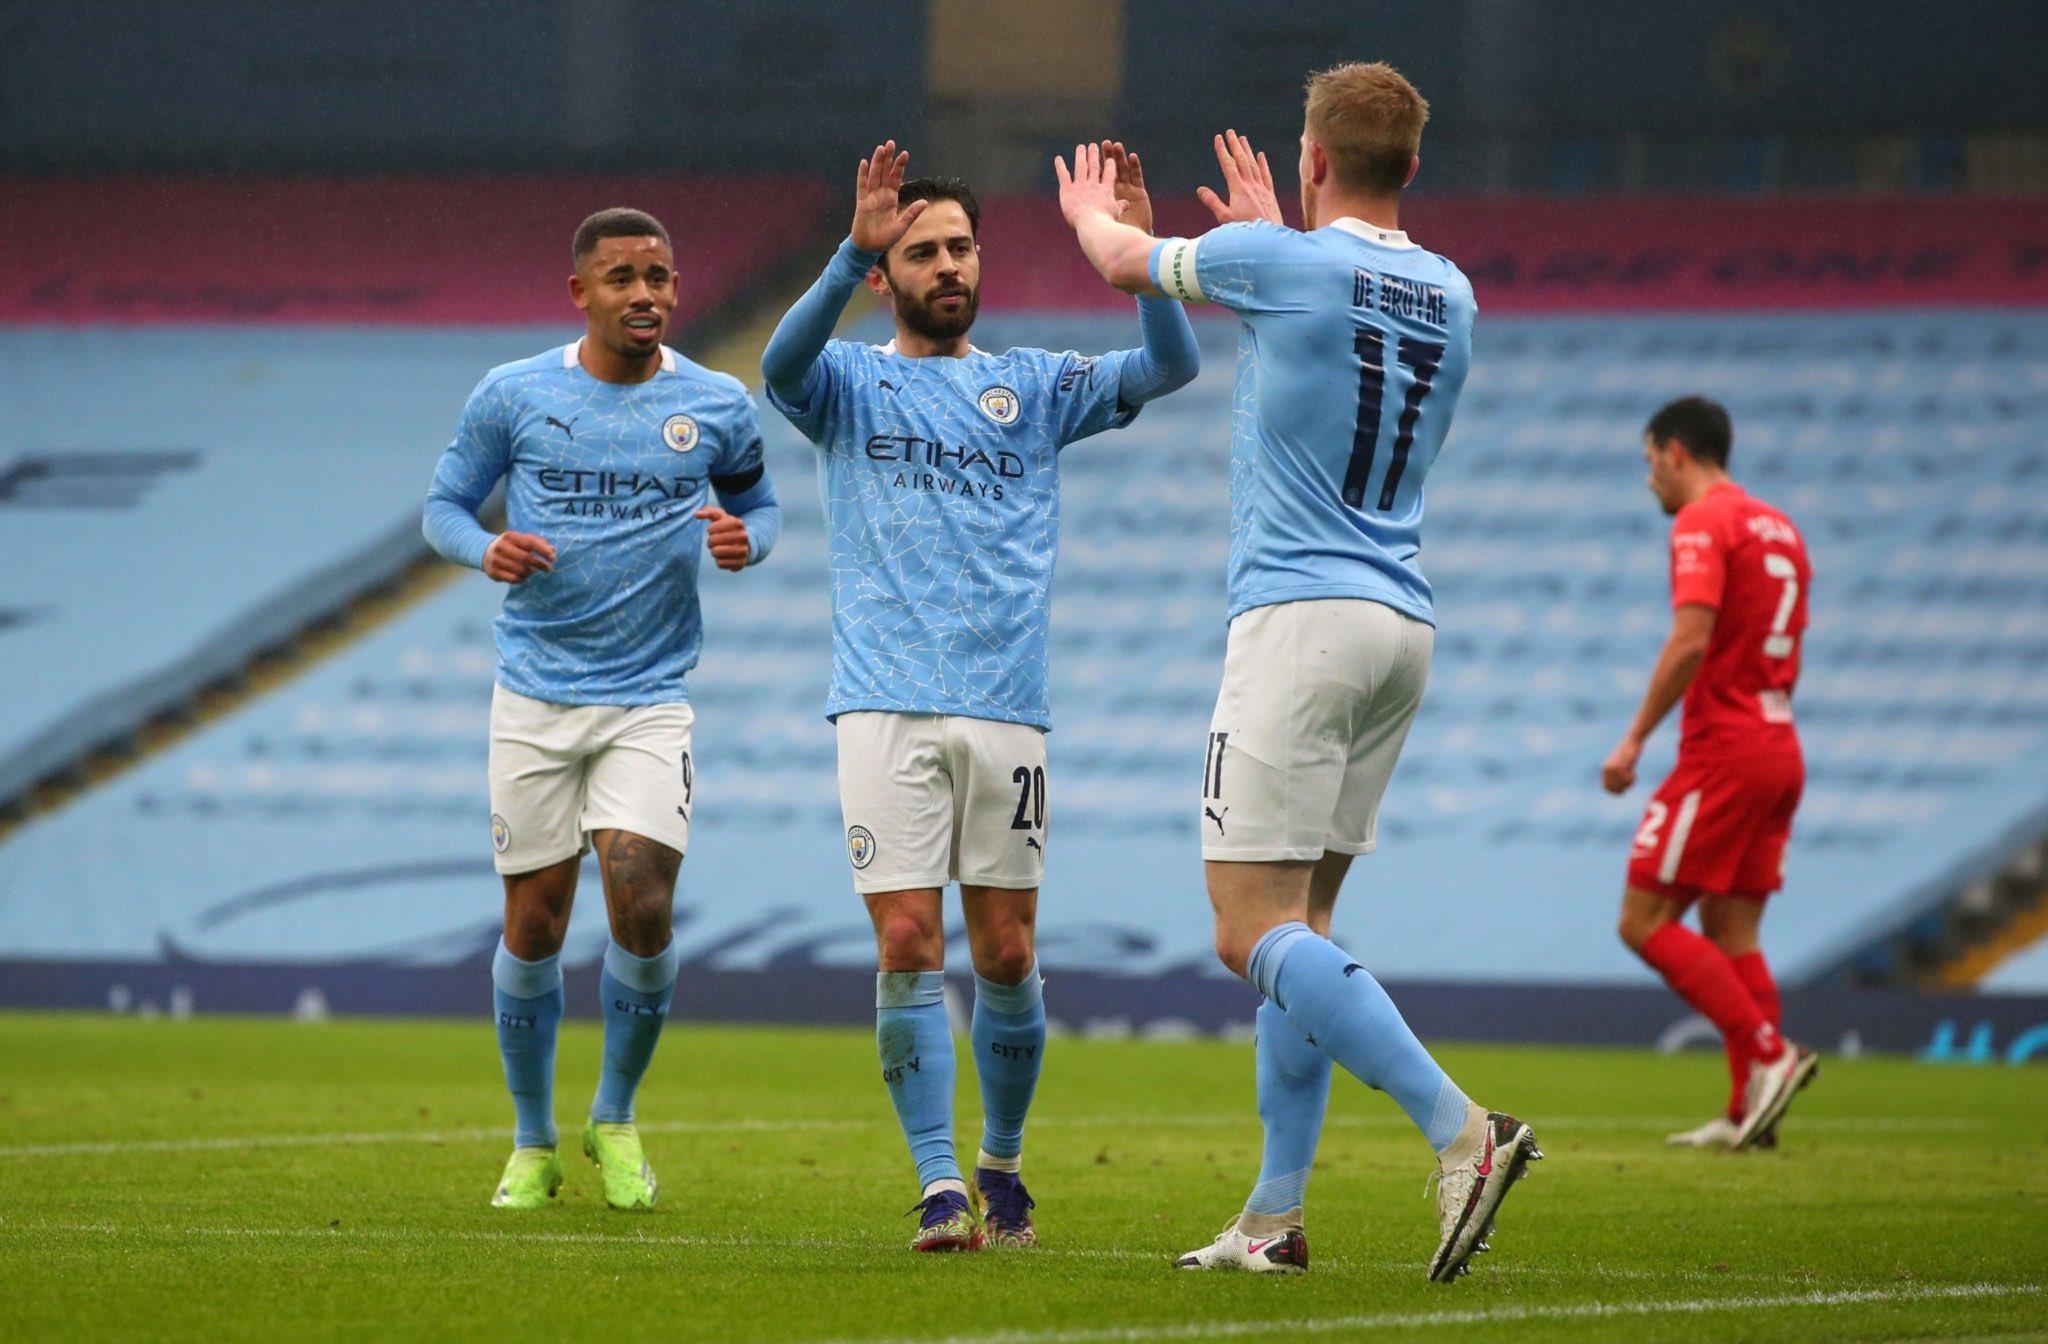 Manchester City firma su pase a dieciseisavos de FA Cup sin problemas | El Heraldo